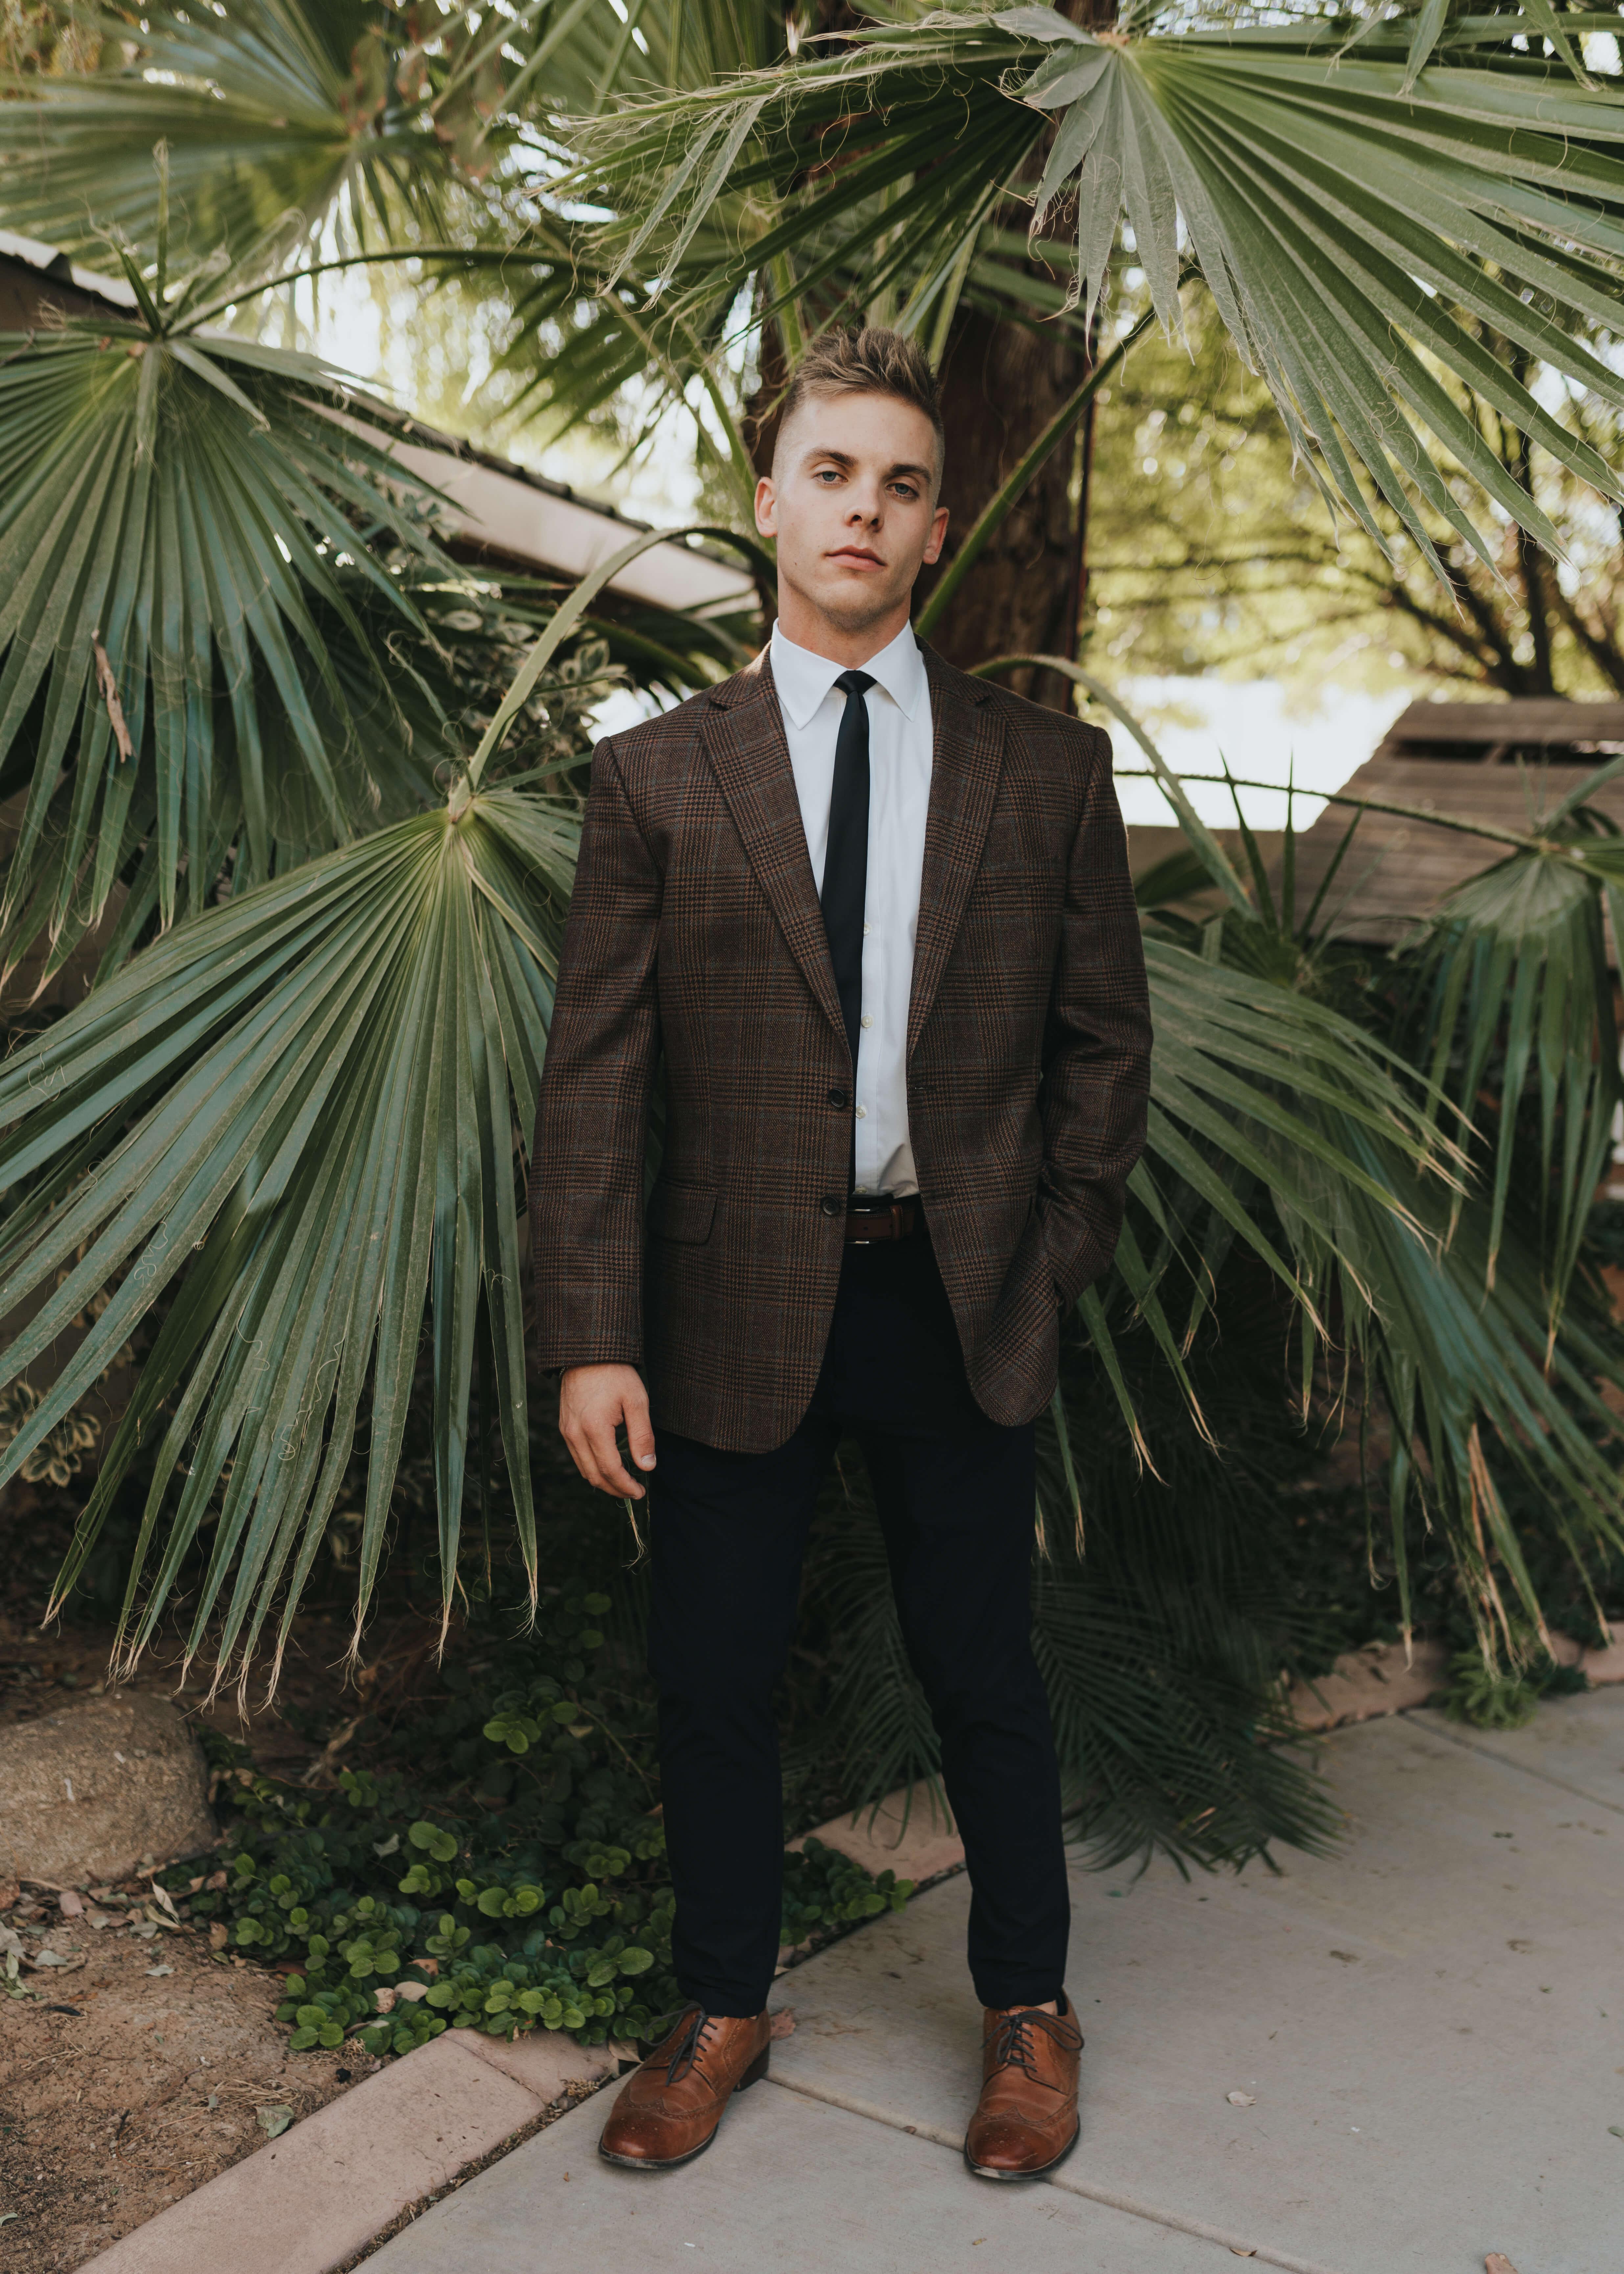 groom in brown tweed suit for wedding day wearing a black tie